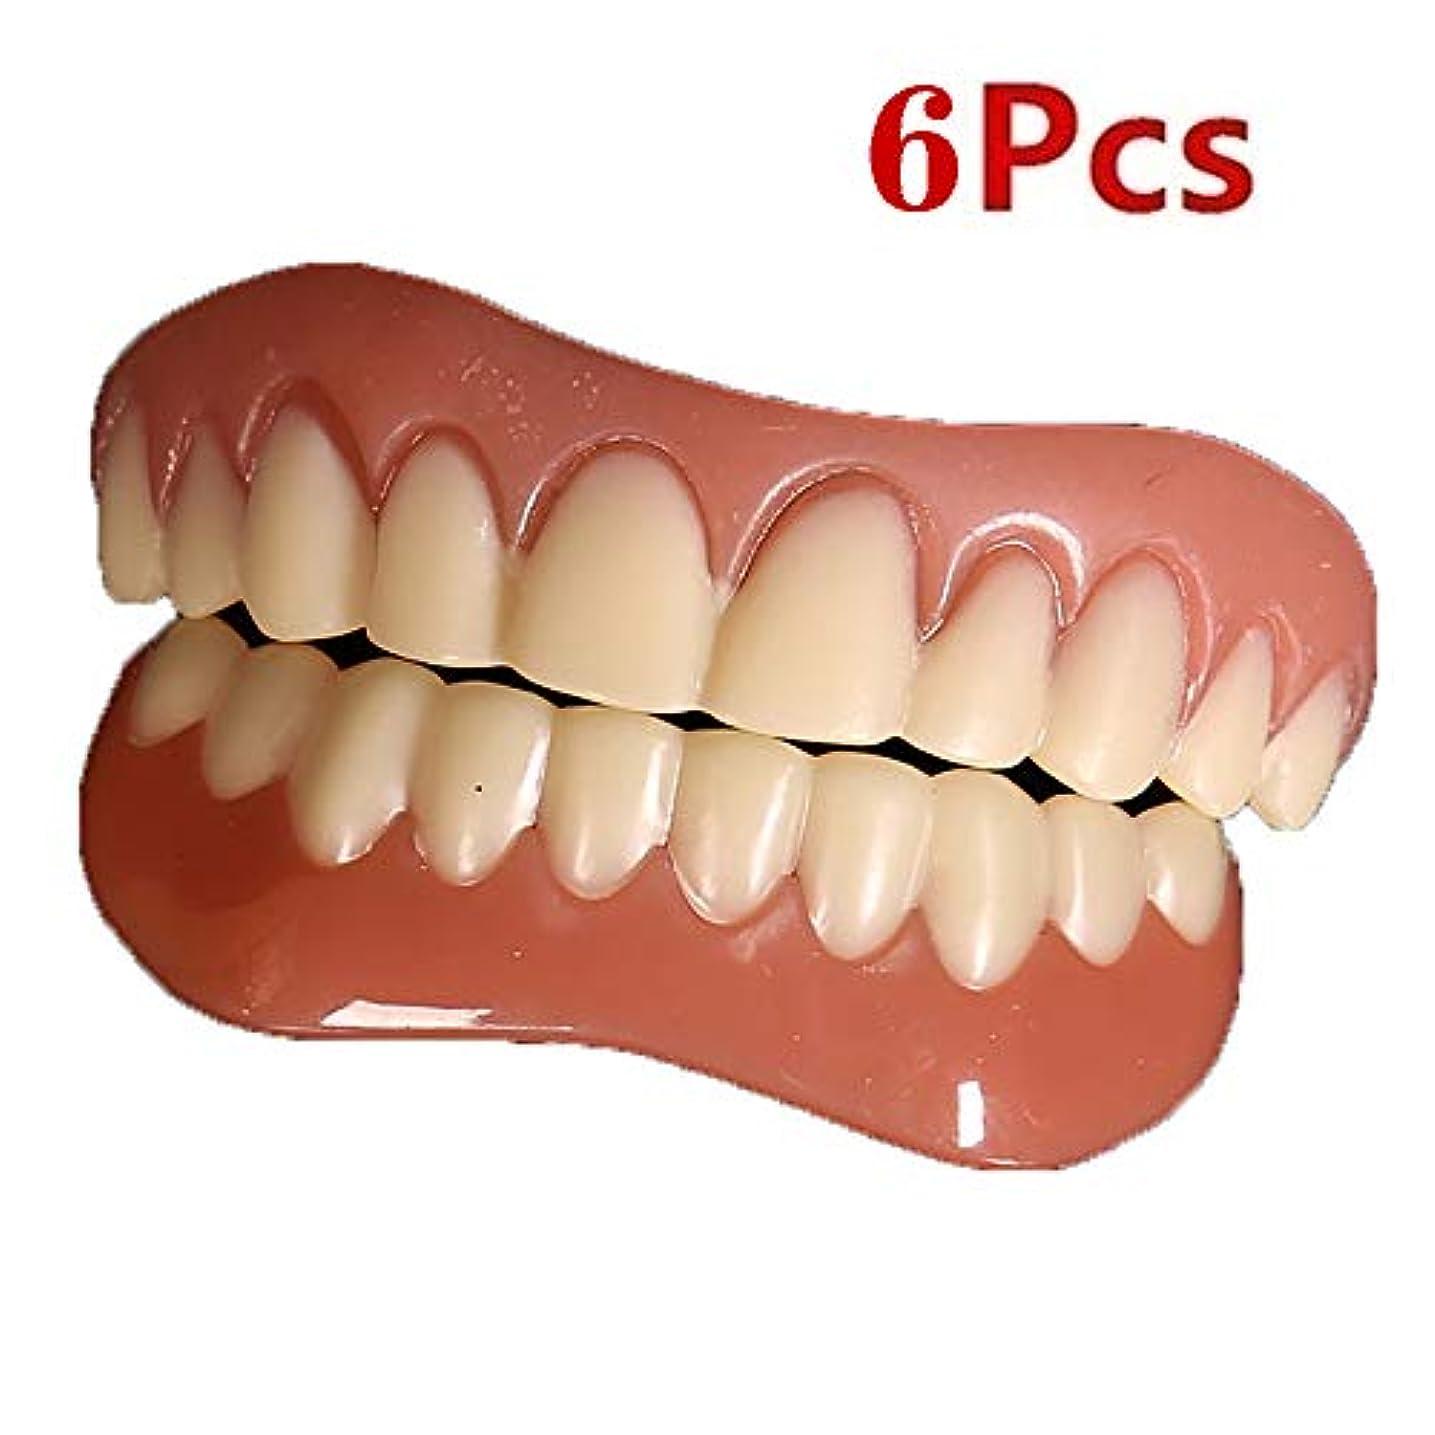 発疹血まみれそうでなければ即時の微笑の歯の上部のより低いベニヤの慰めの適合の歯のベニヤ、歯科ベニヤの慰めの適合の歯の上の化粧品のベニヤワンサイズはすべての義歯の接着剤の歯に入れます